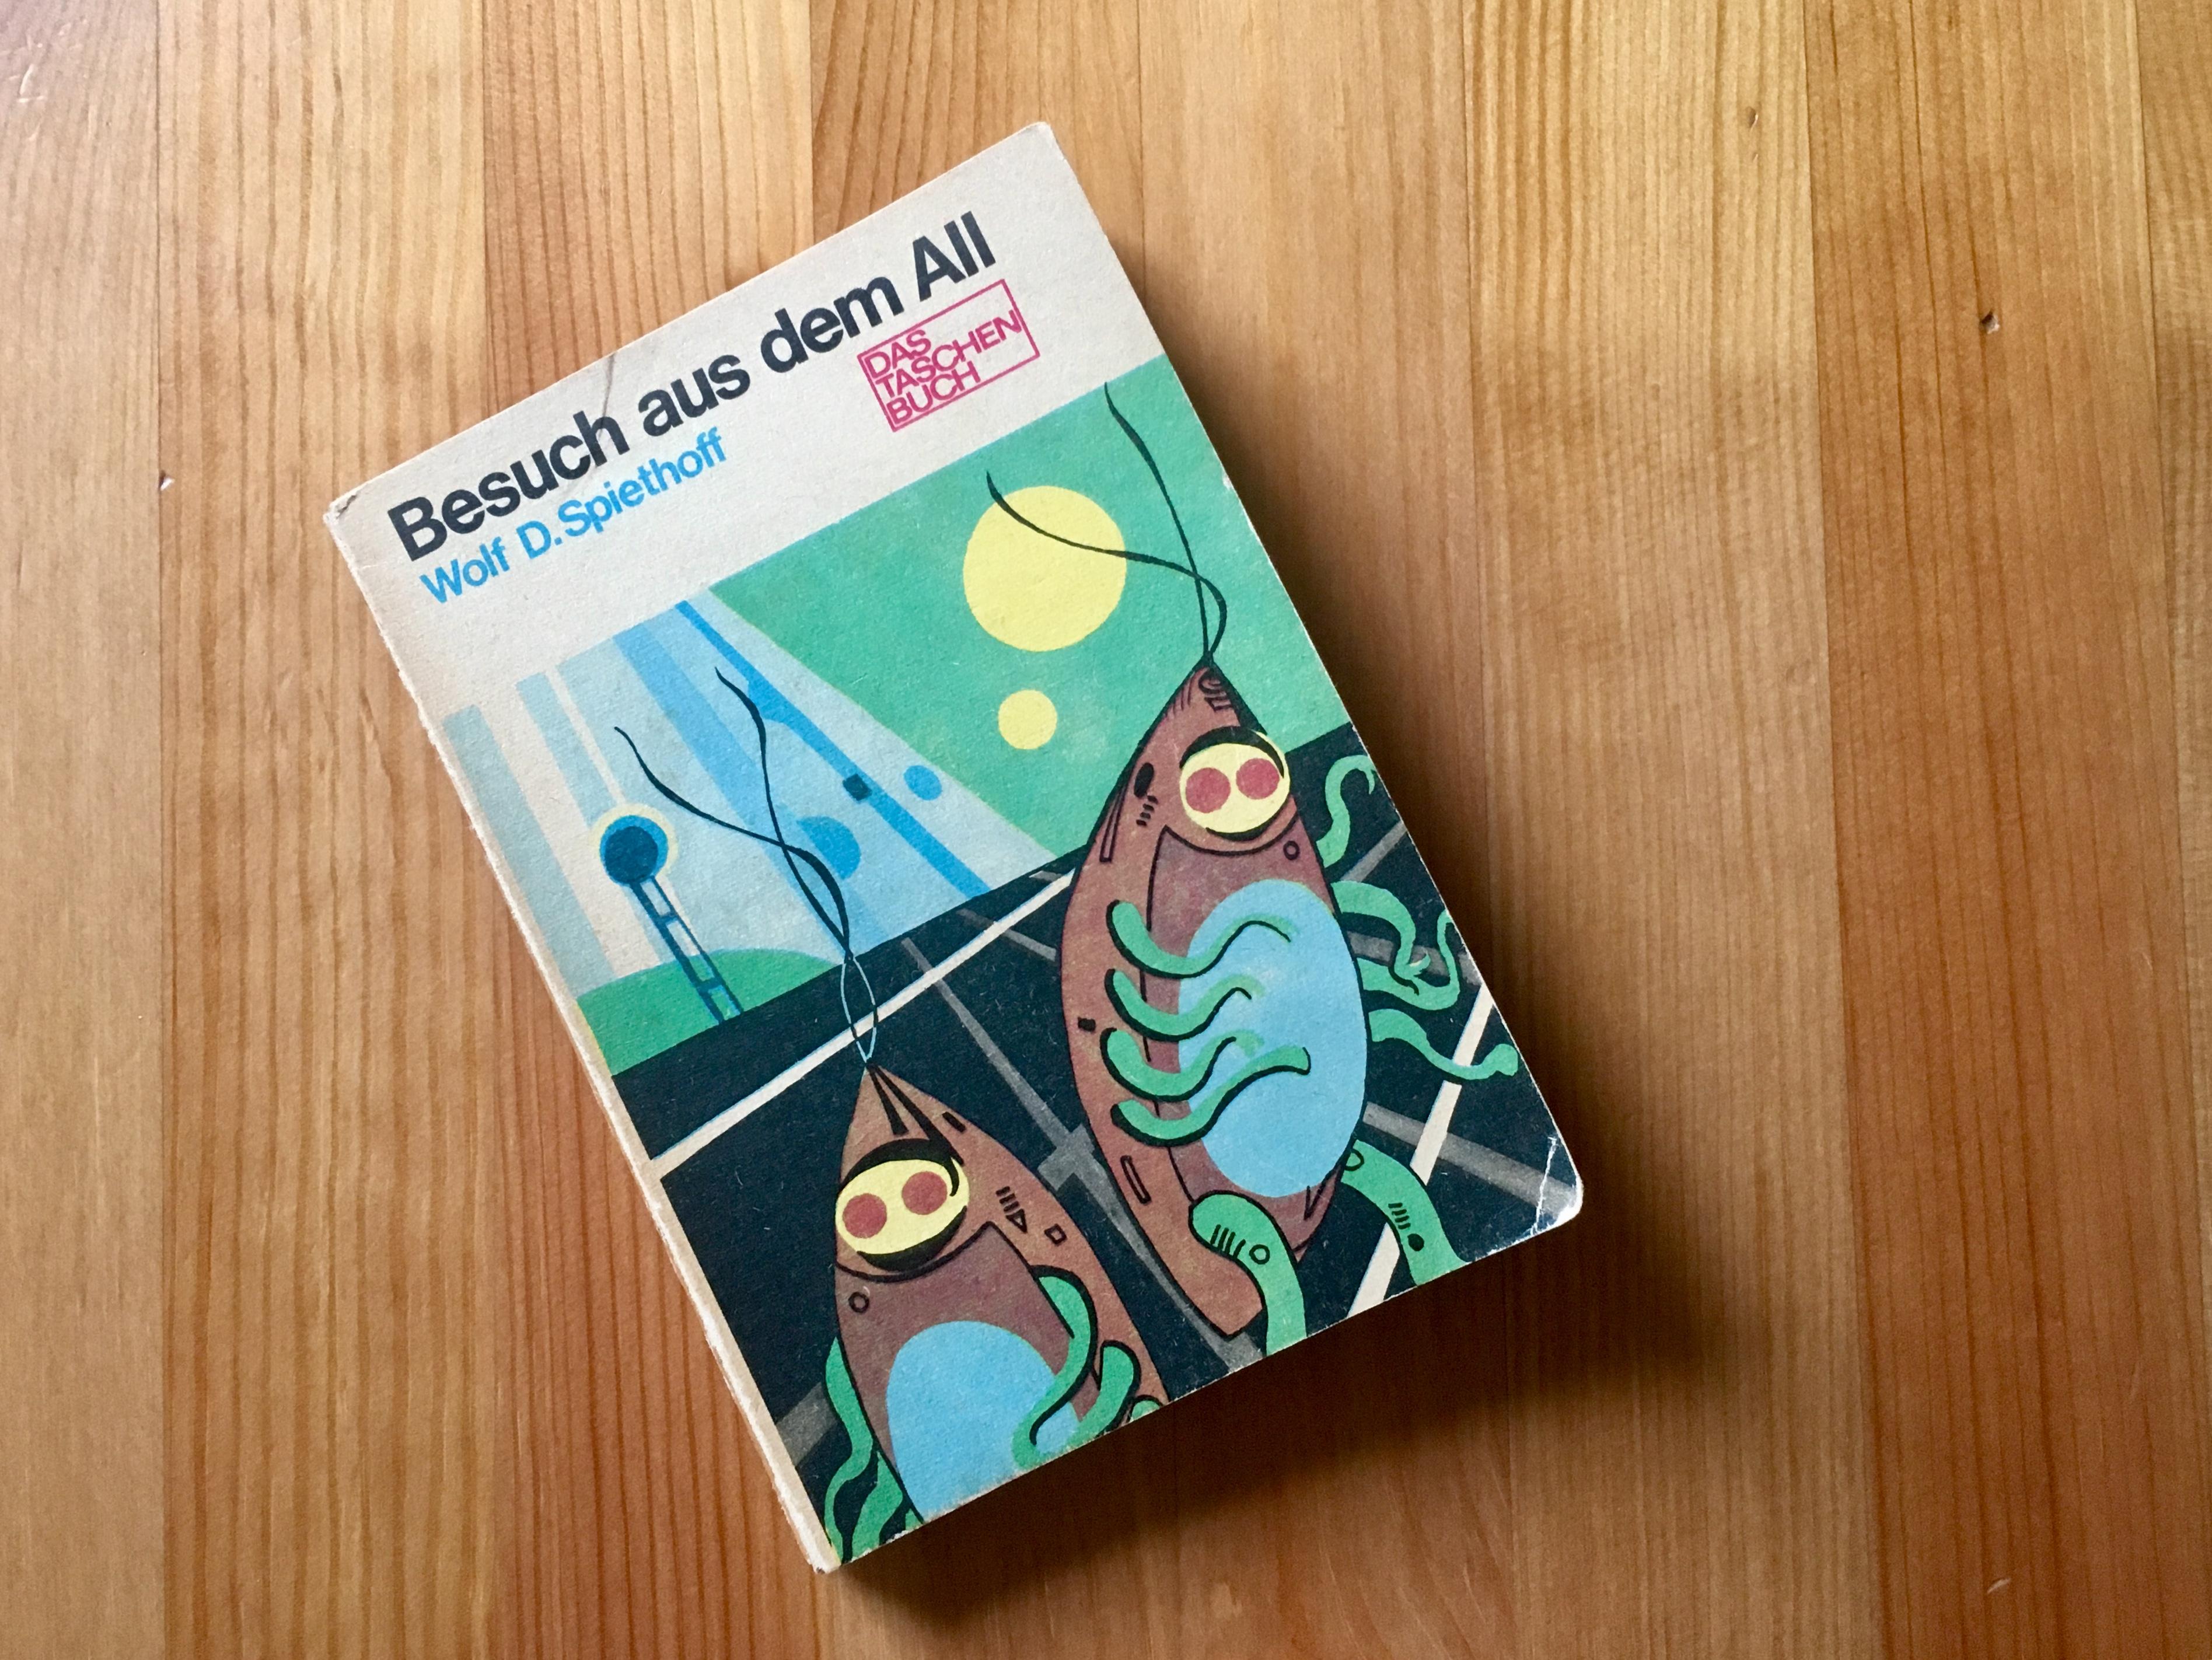 Besuch aus dem All - Wolf-Dieter Spiethoff - Illustration Karl Fischer - Buchcover